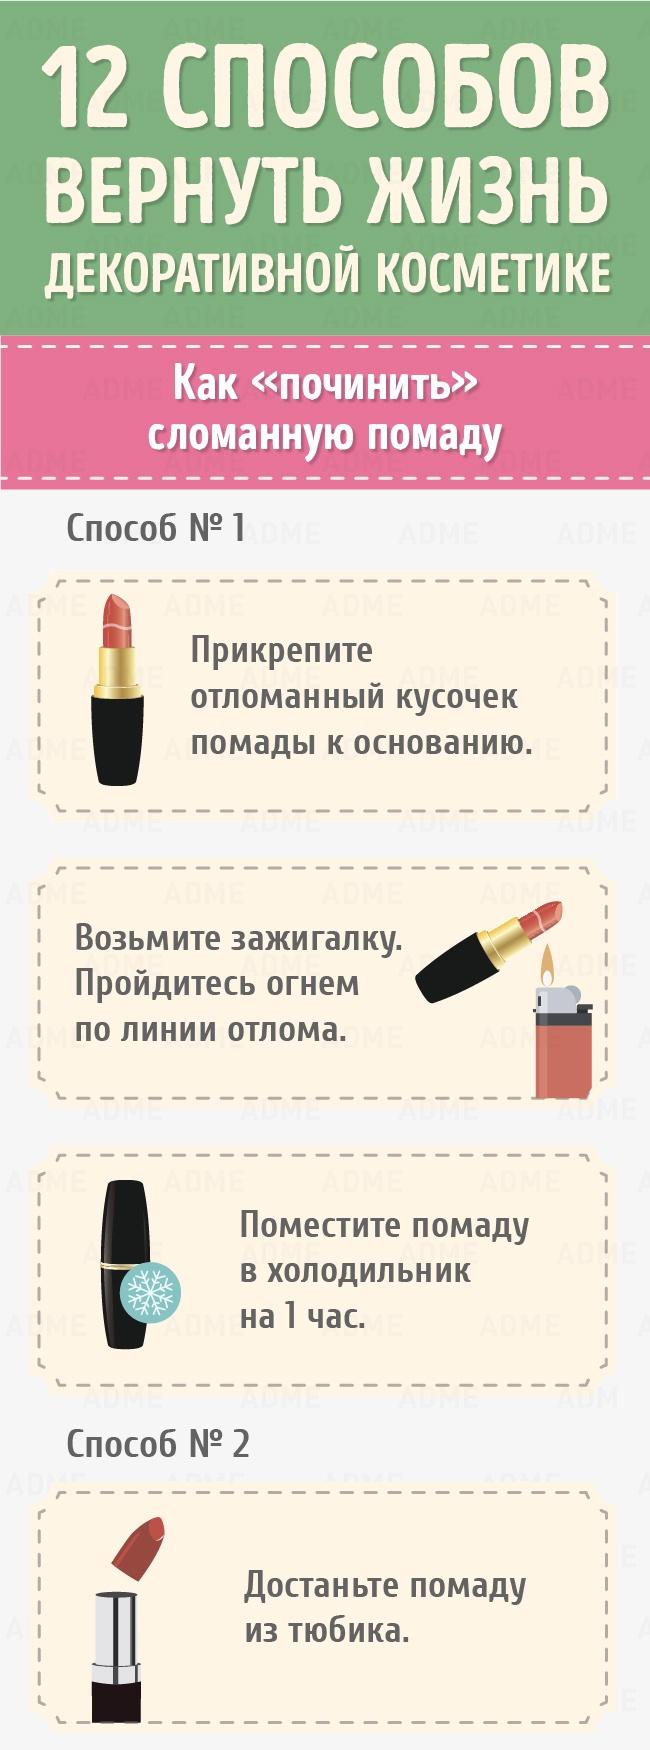 12 способов как вернуть жизнь декоративной косметике